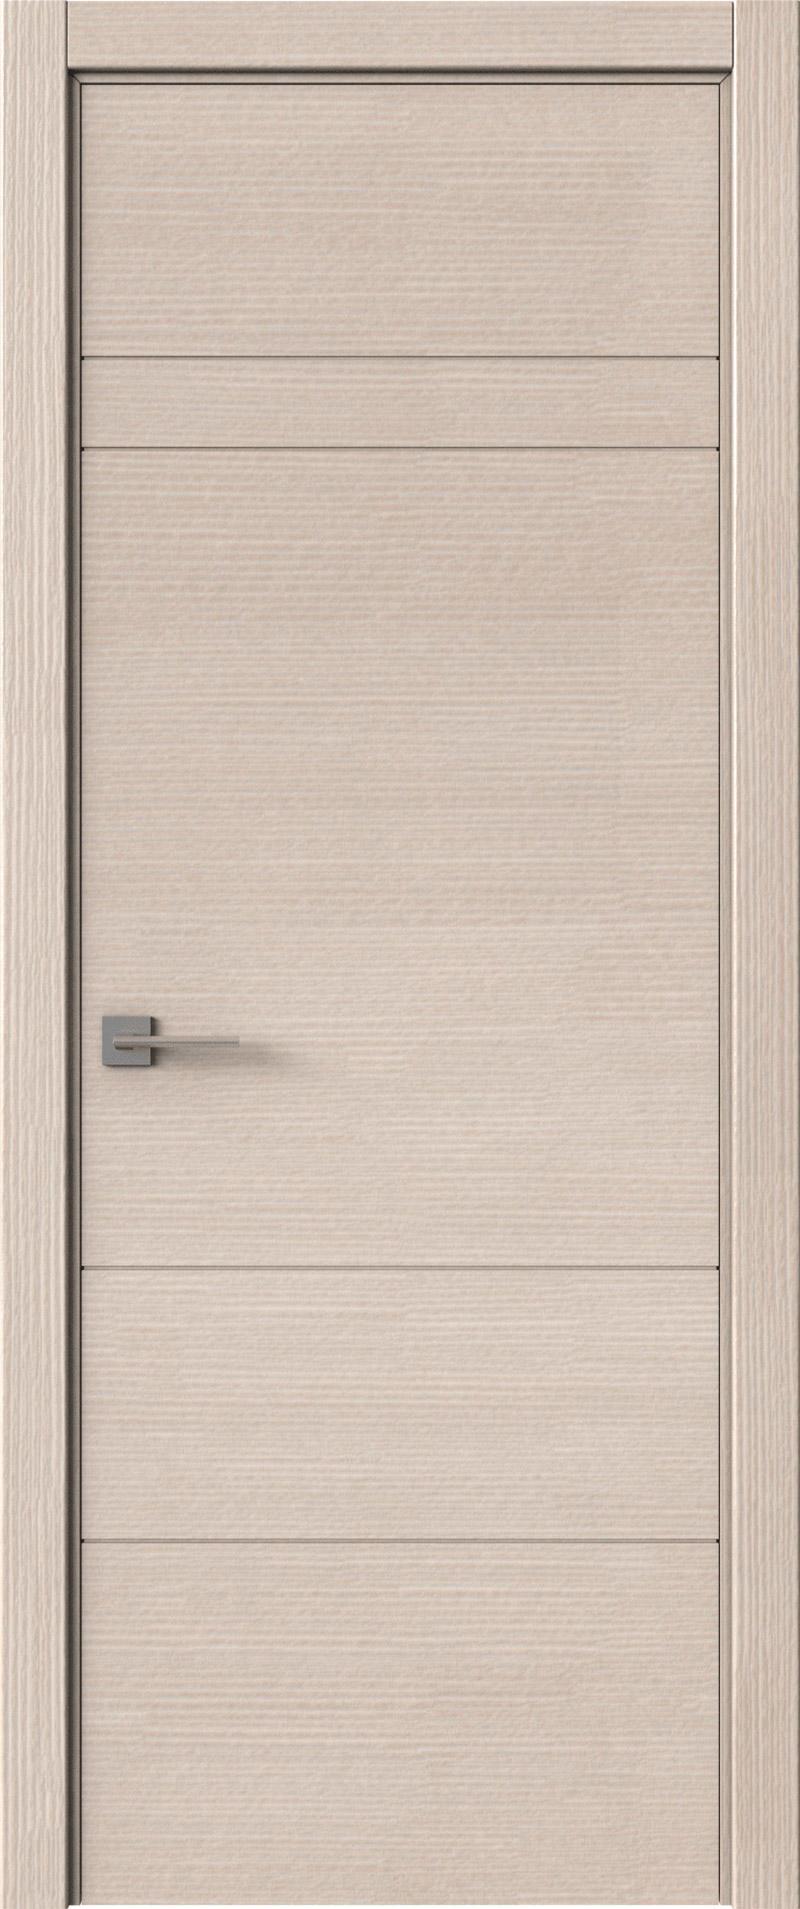 Tivoli К-2 цвет - Беленый дуб Без стекла (ДГ)